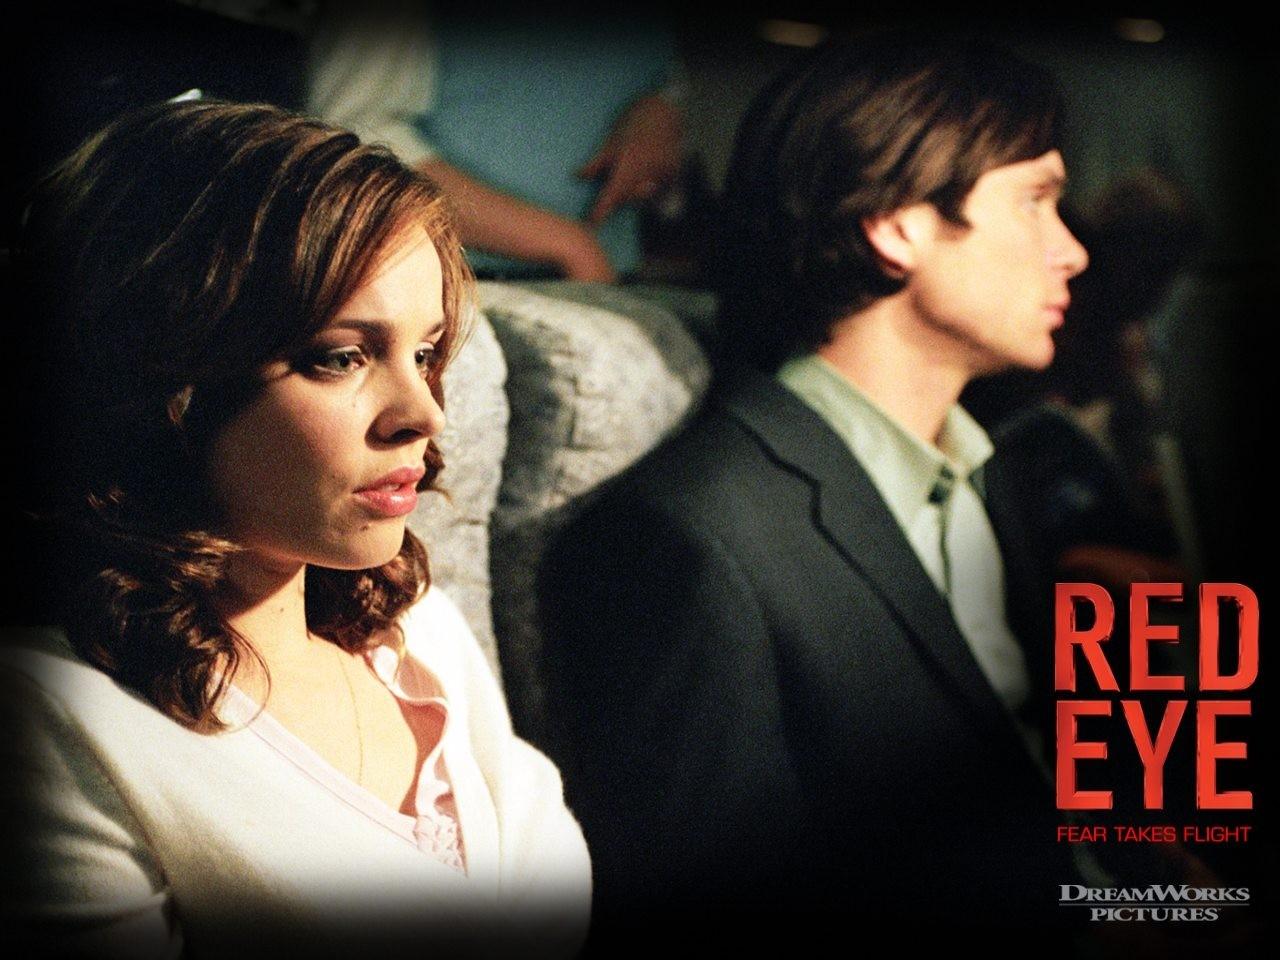 Wallpaper del film Red Eye diretto da Wes Craven